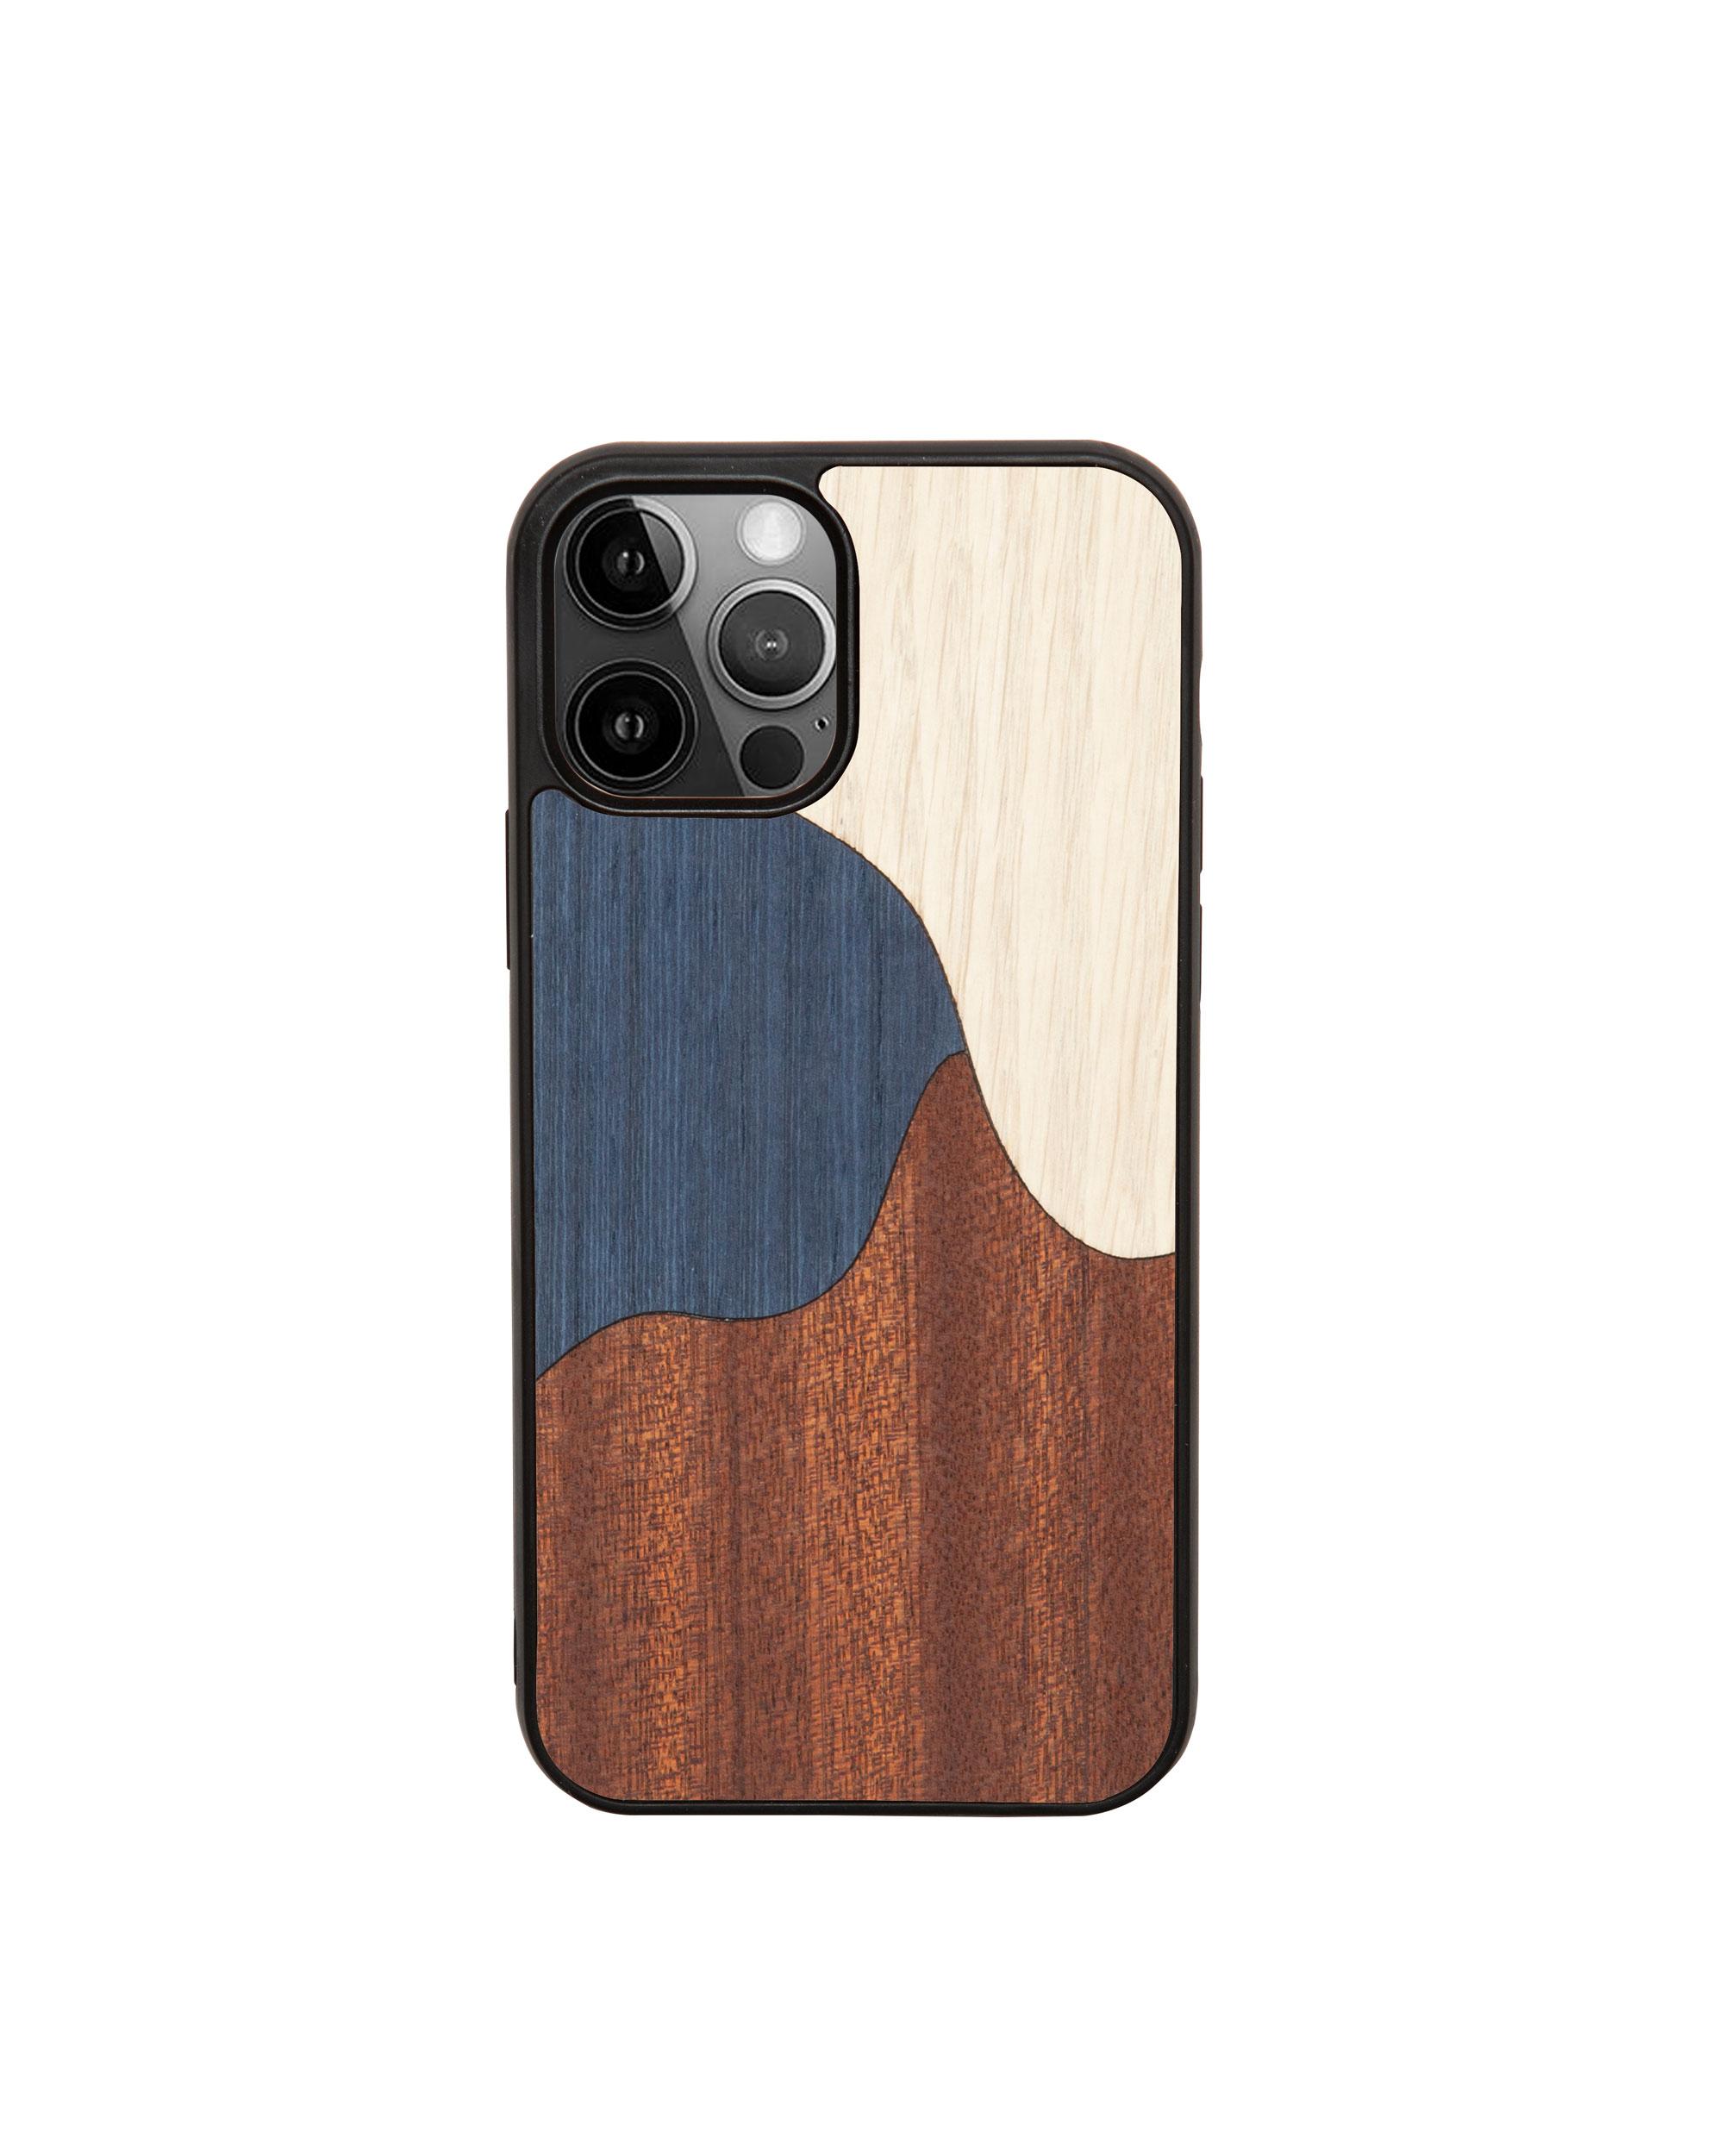 INLAY BLUE - Coque en bois pour iPhone 11